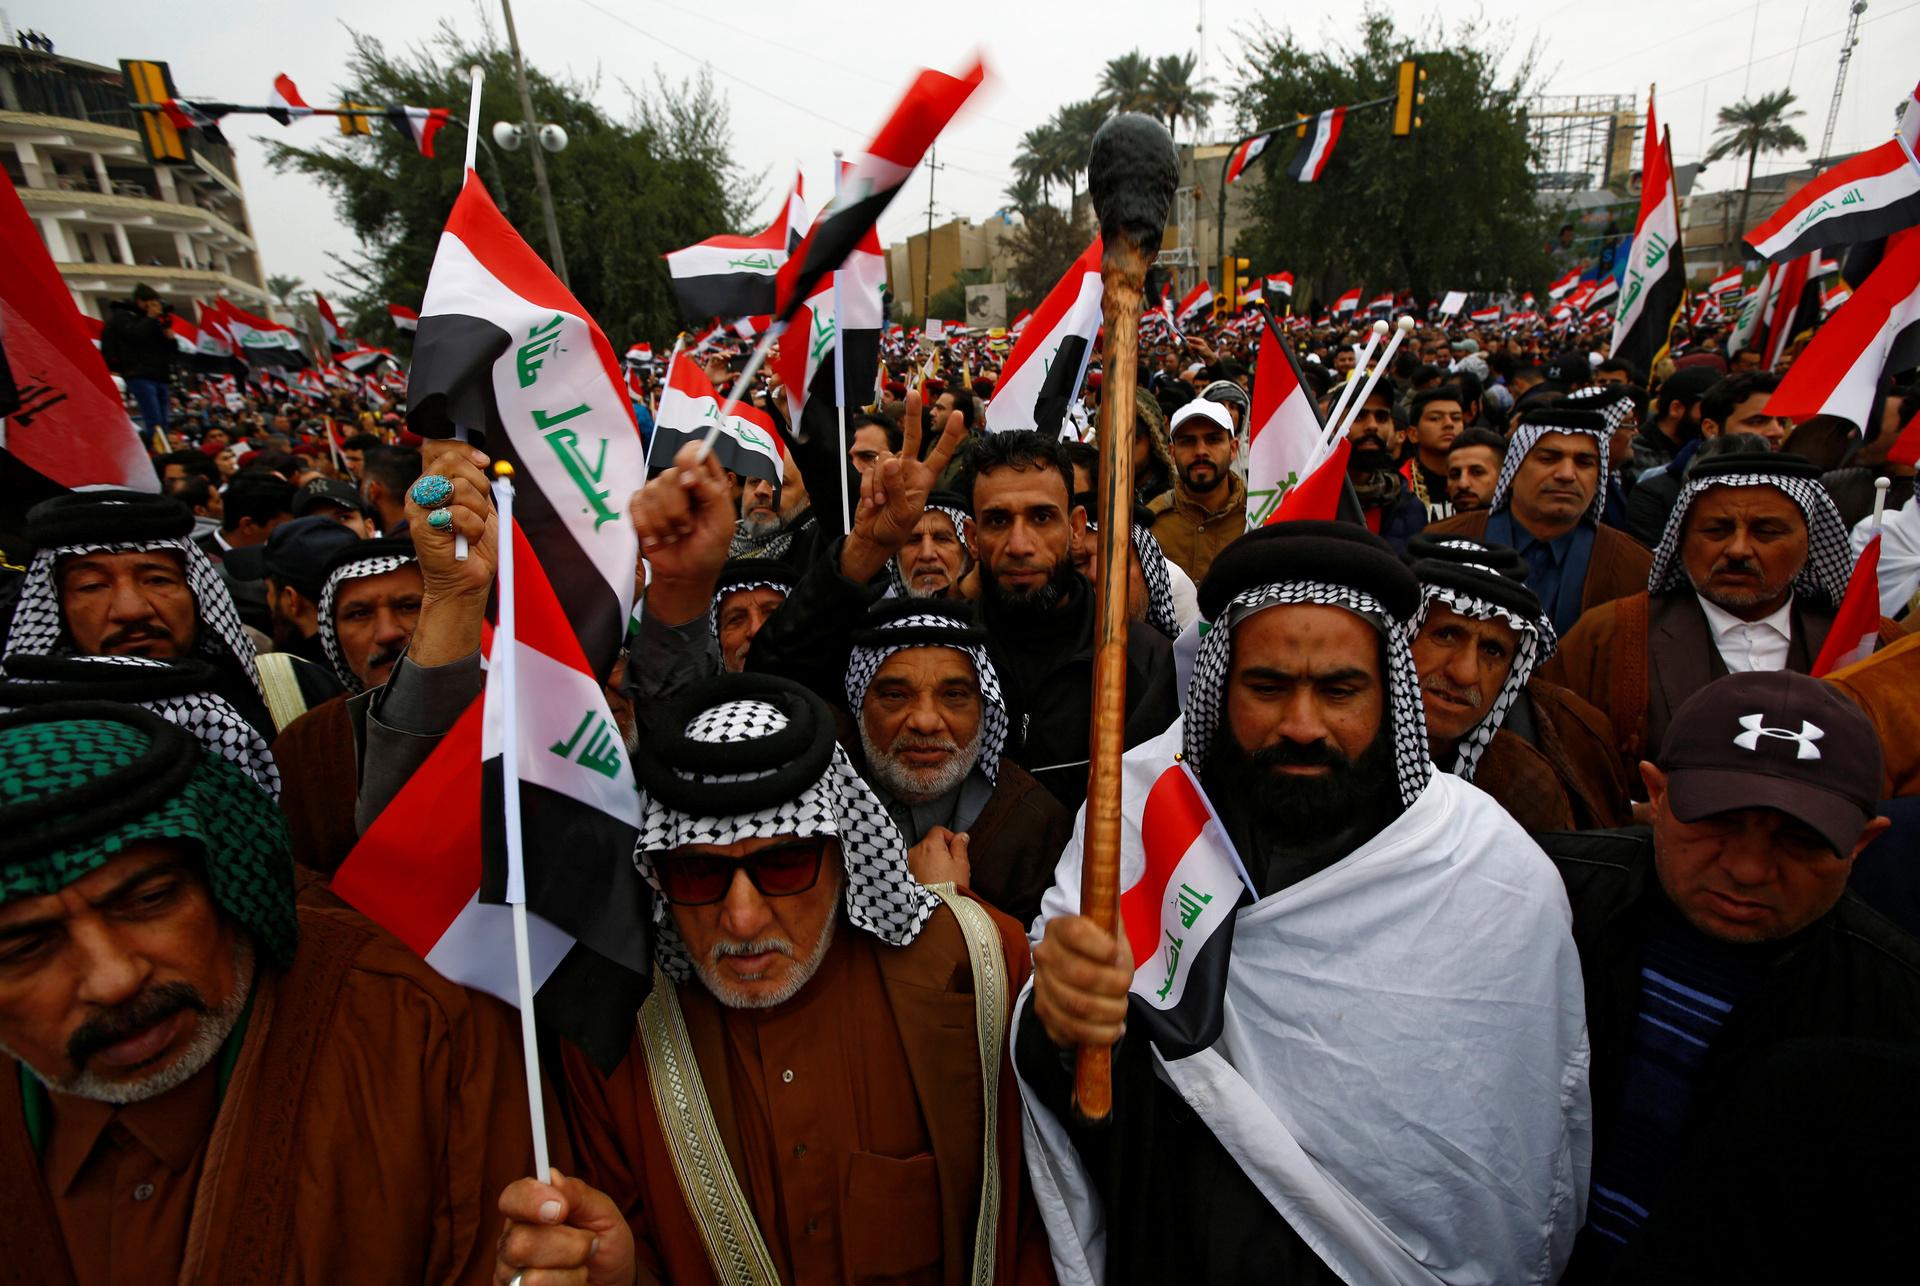 помощью светильников ирак жители лица фото этой даты ведет